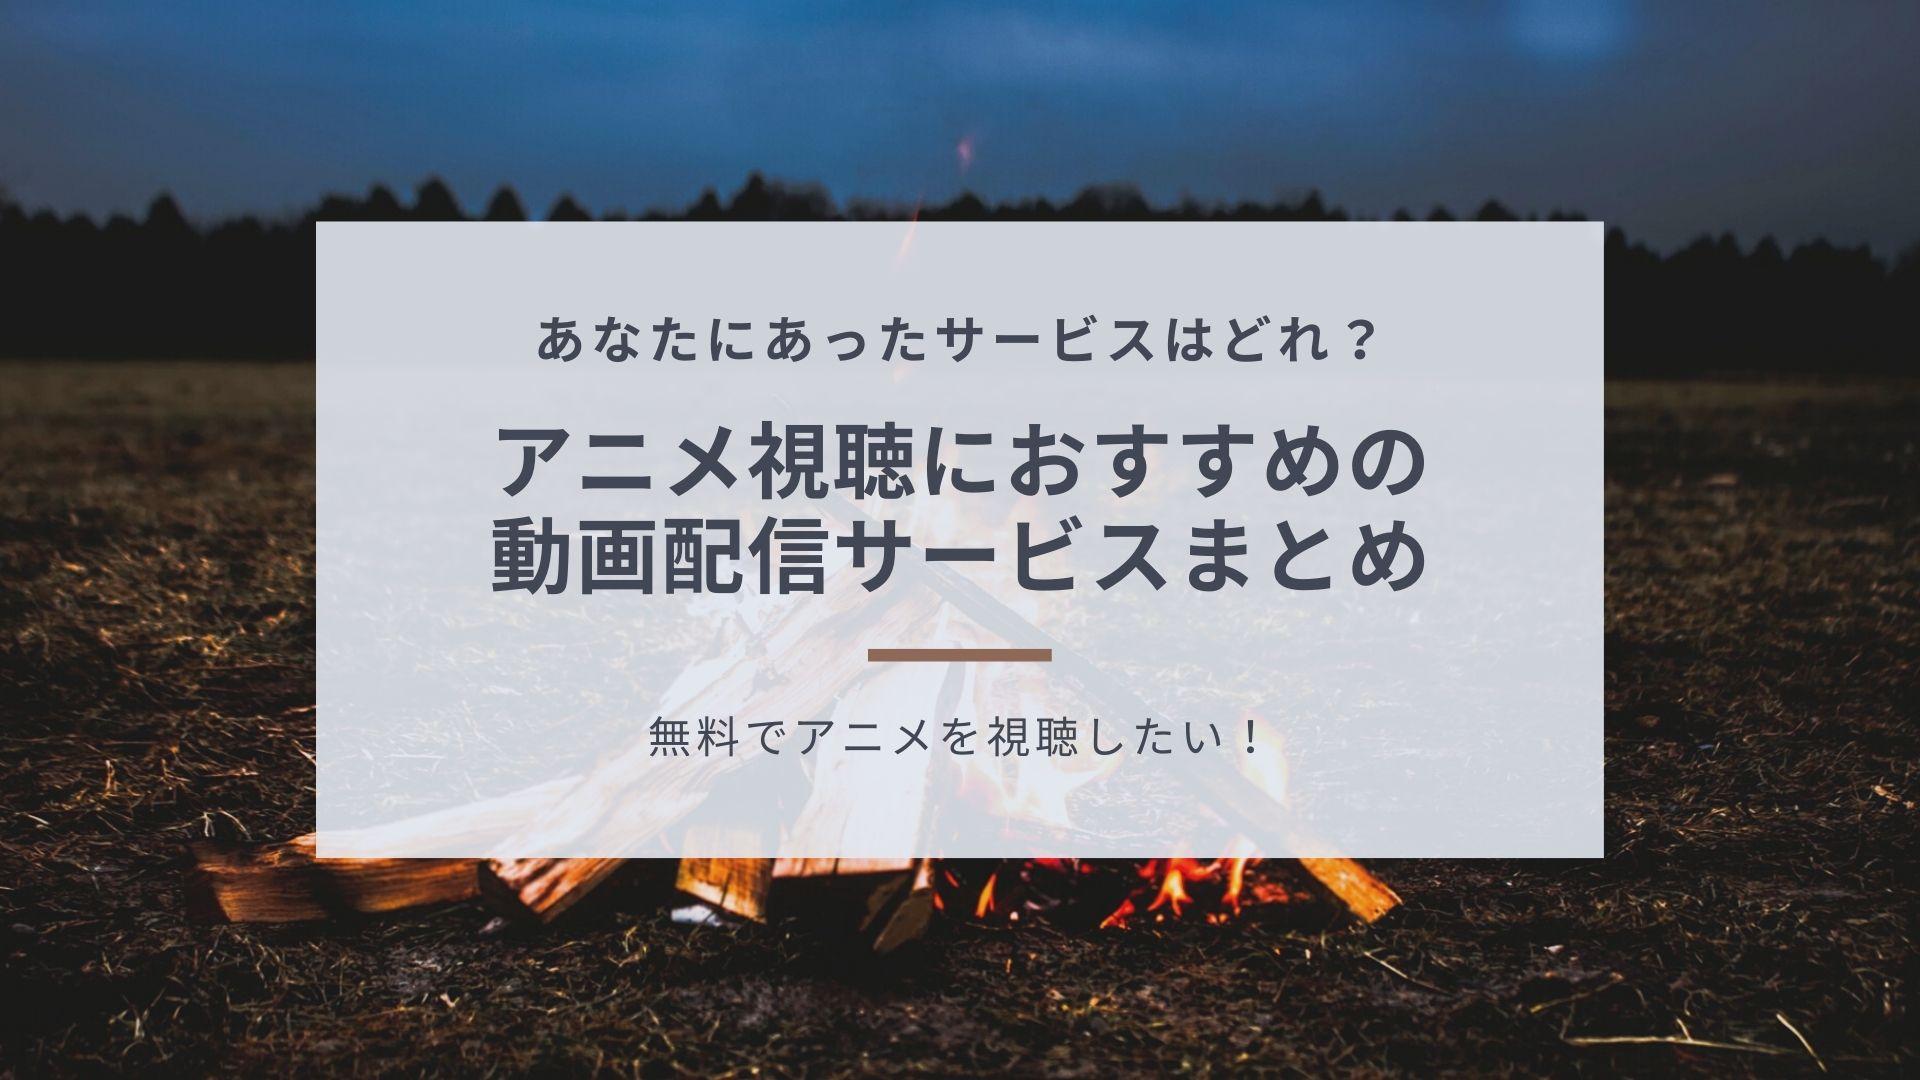 動画配信サービス・アニメ